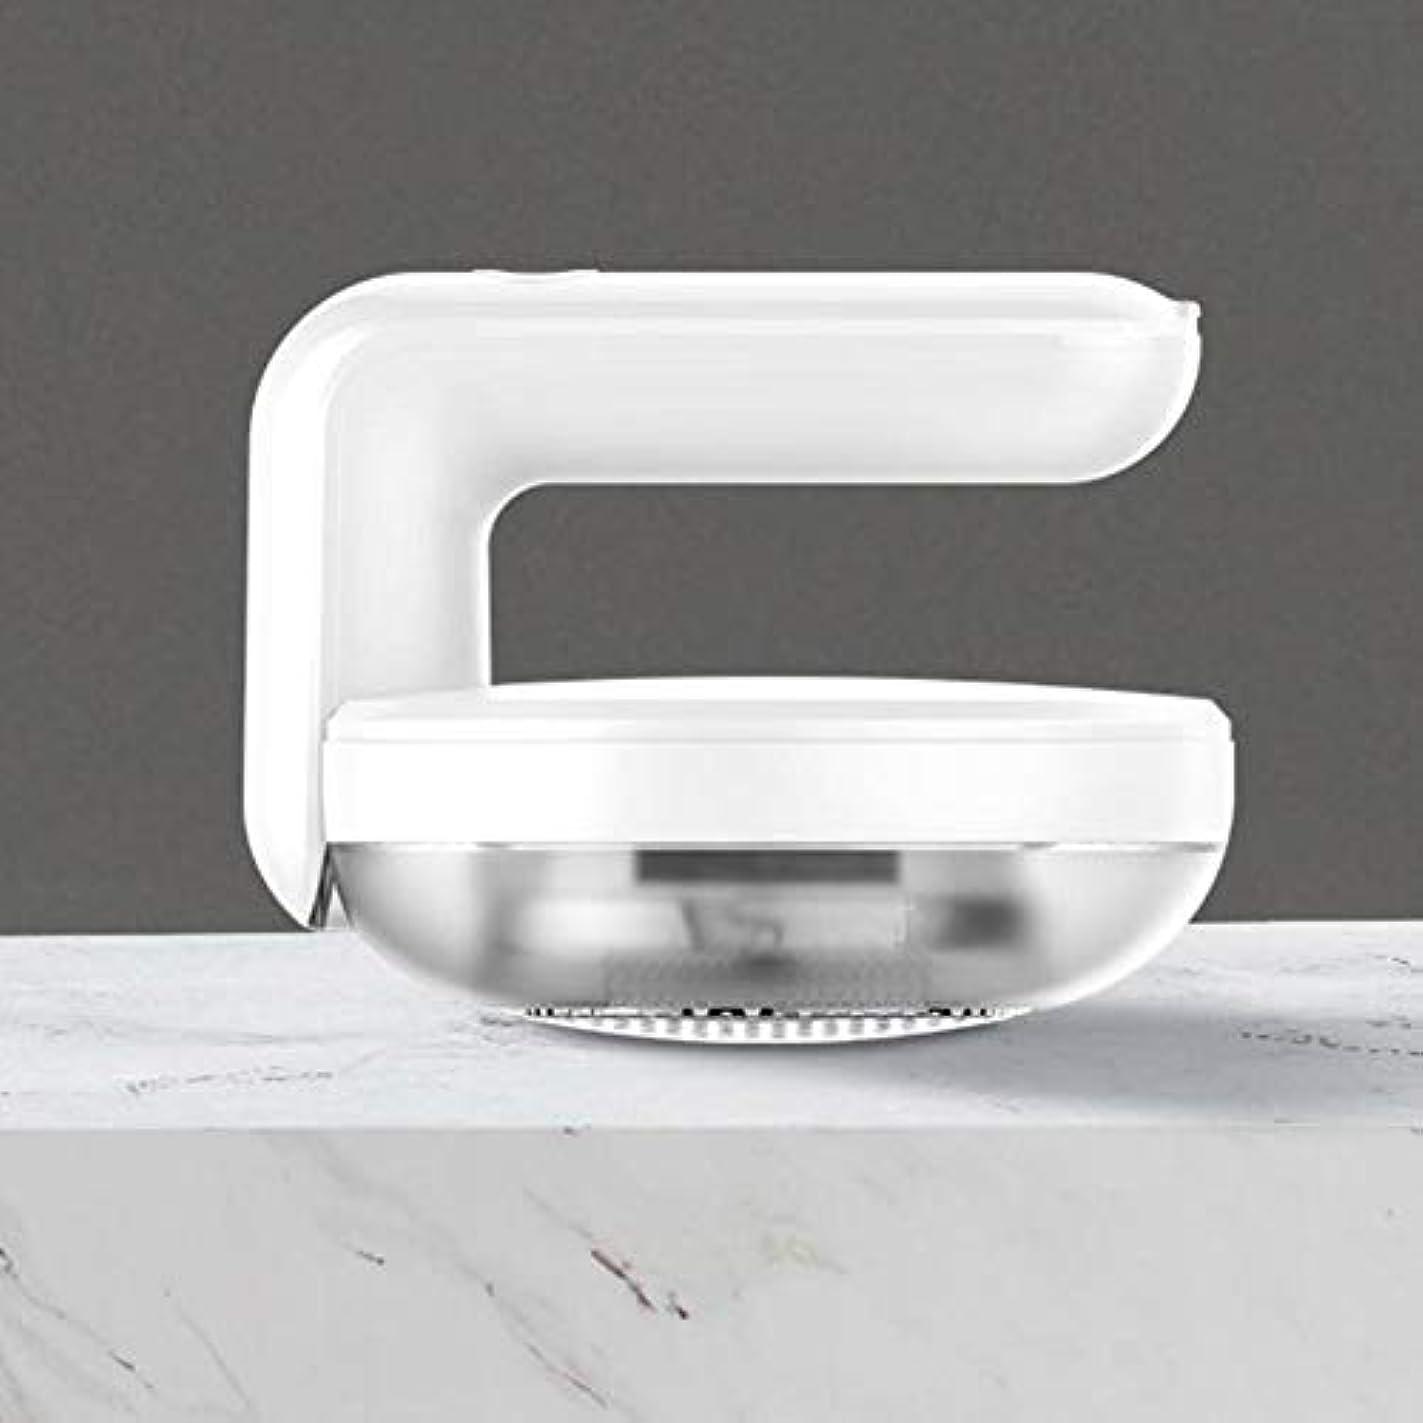 妥協キロメートルフェッチ毛玉取り器 毛玉カット 電動 毛玉取り機 USB充電式 6枚刃モデル 高速回転